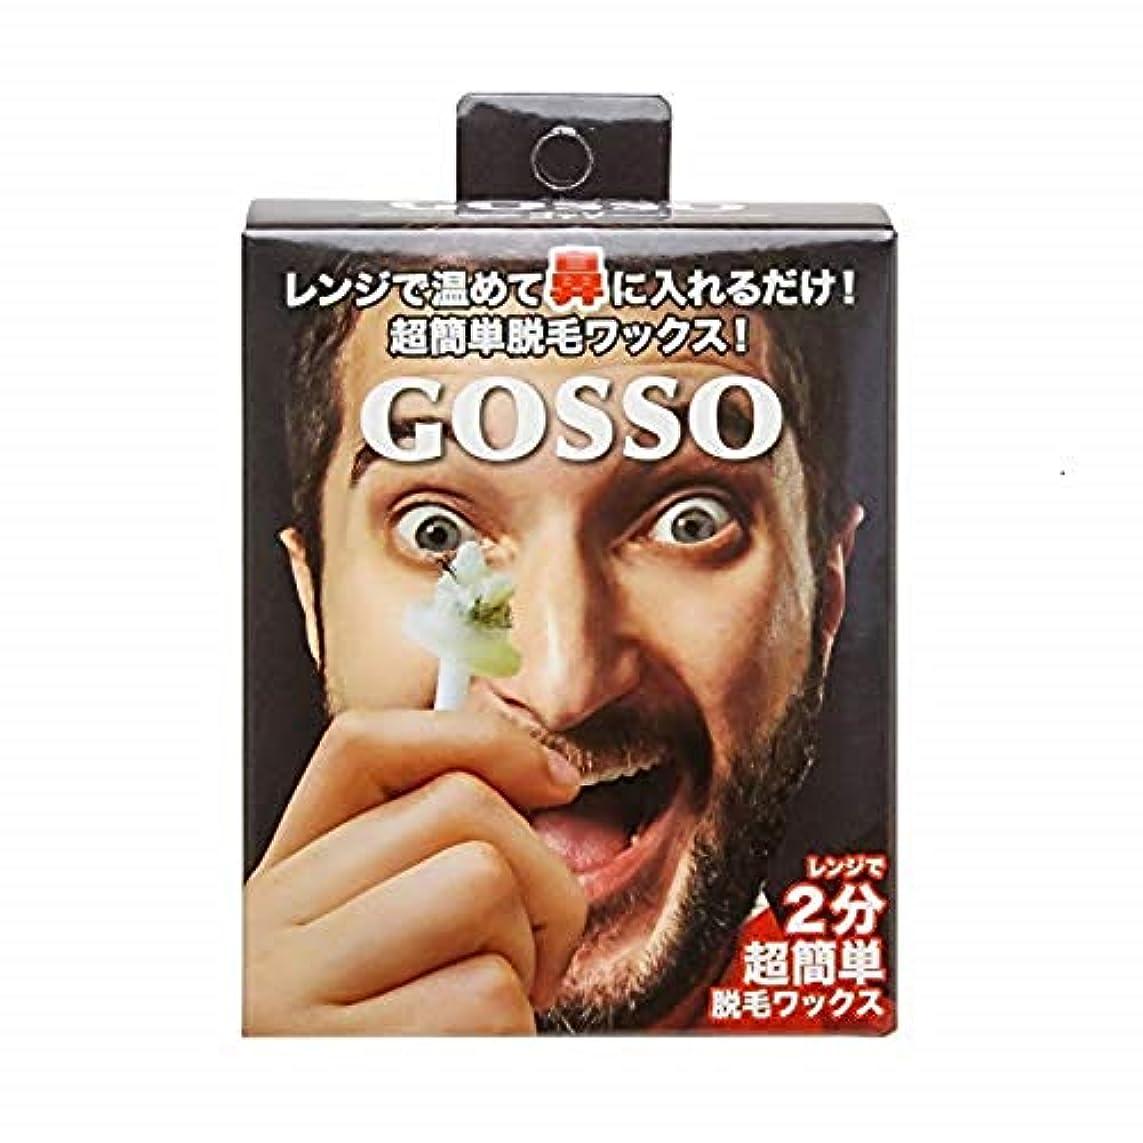 時々引き潮発揮するGOSSO ゴッソ (ブラジリアンワックス鼻毛脱毛セット) (セット, 1個)